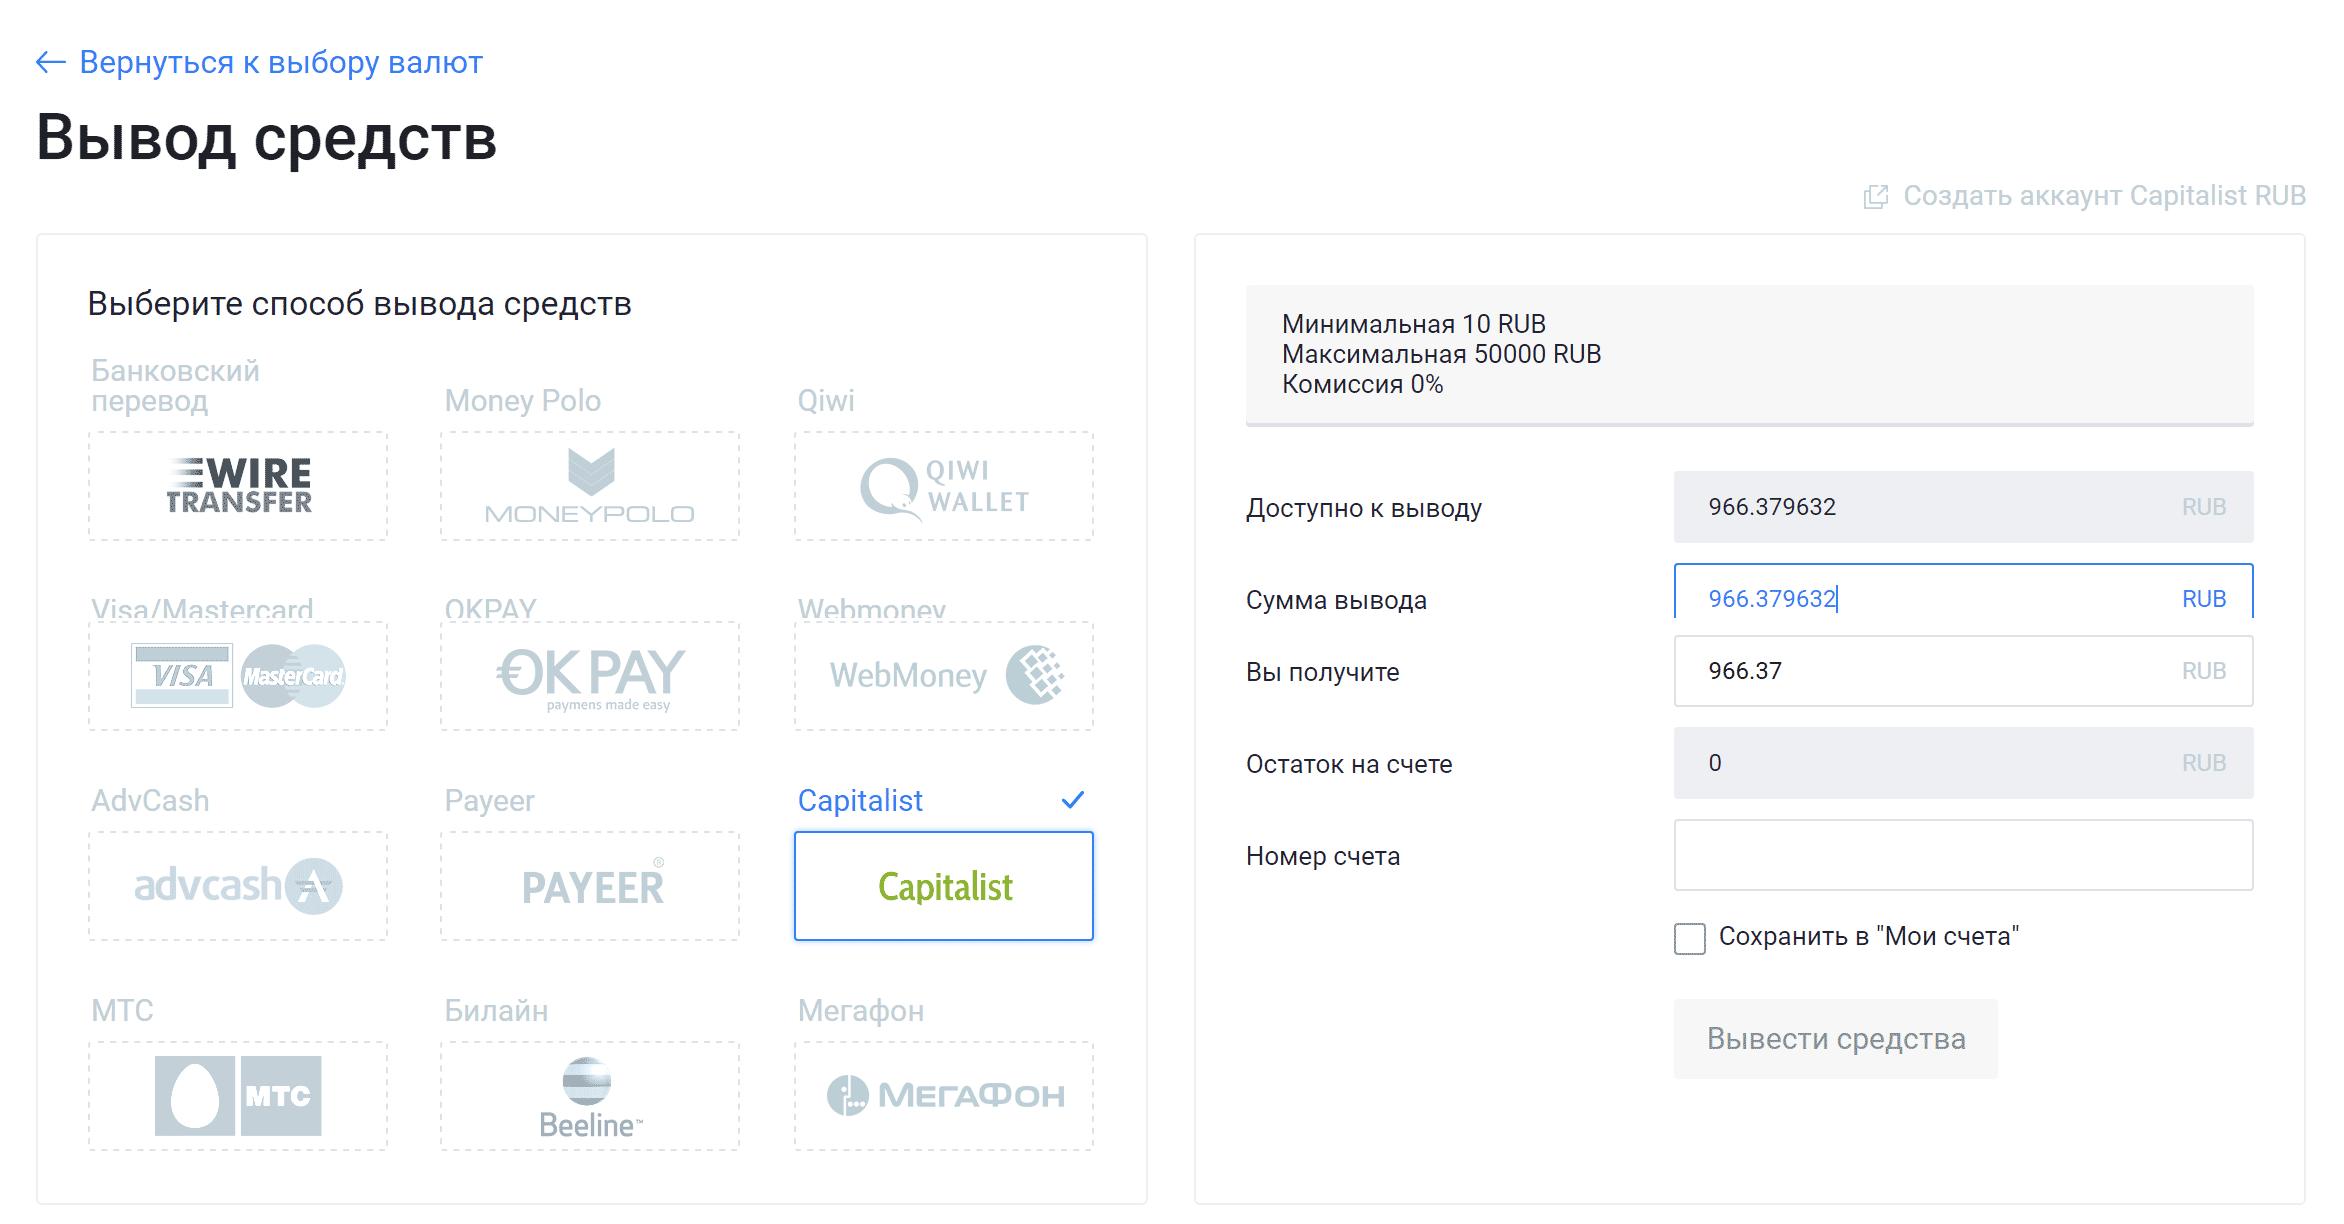 Заработать без вложений реальные деньги прямо сейчас 500 рублей 1